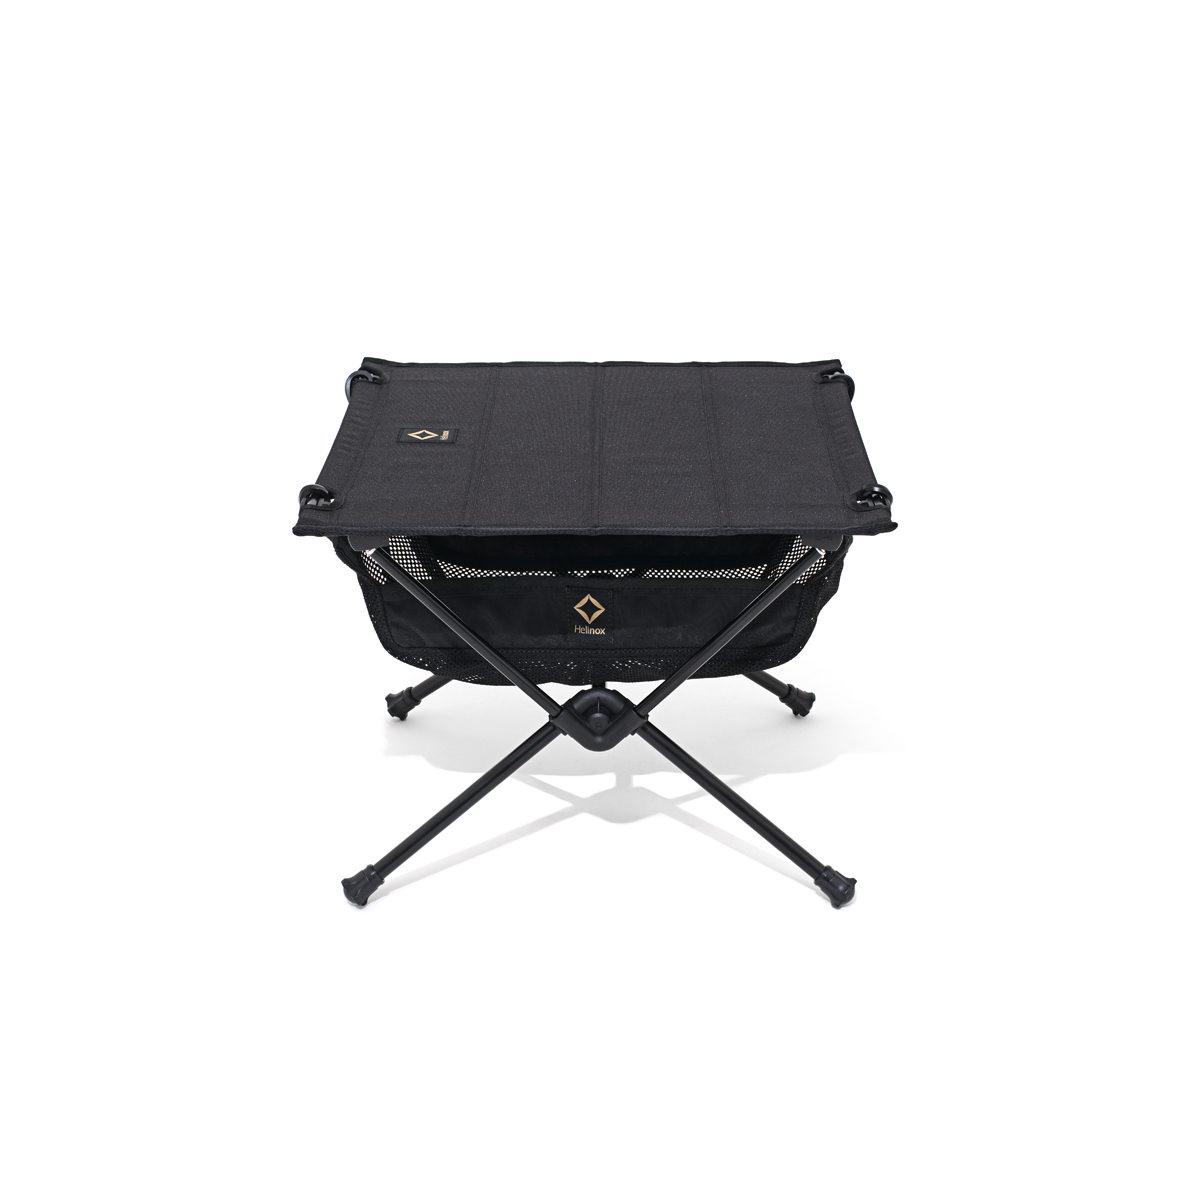 Helinox(ヘリノックス)/タクティカル テーブル S / ブラック